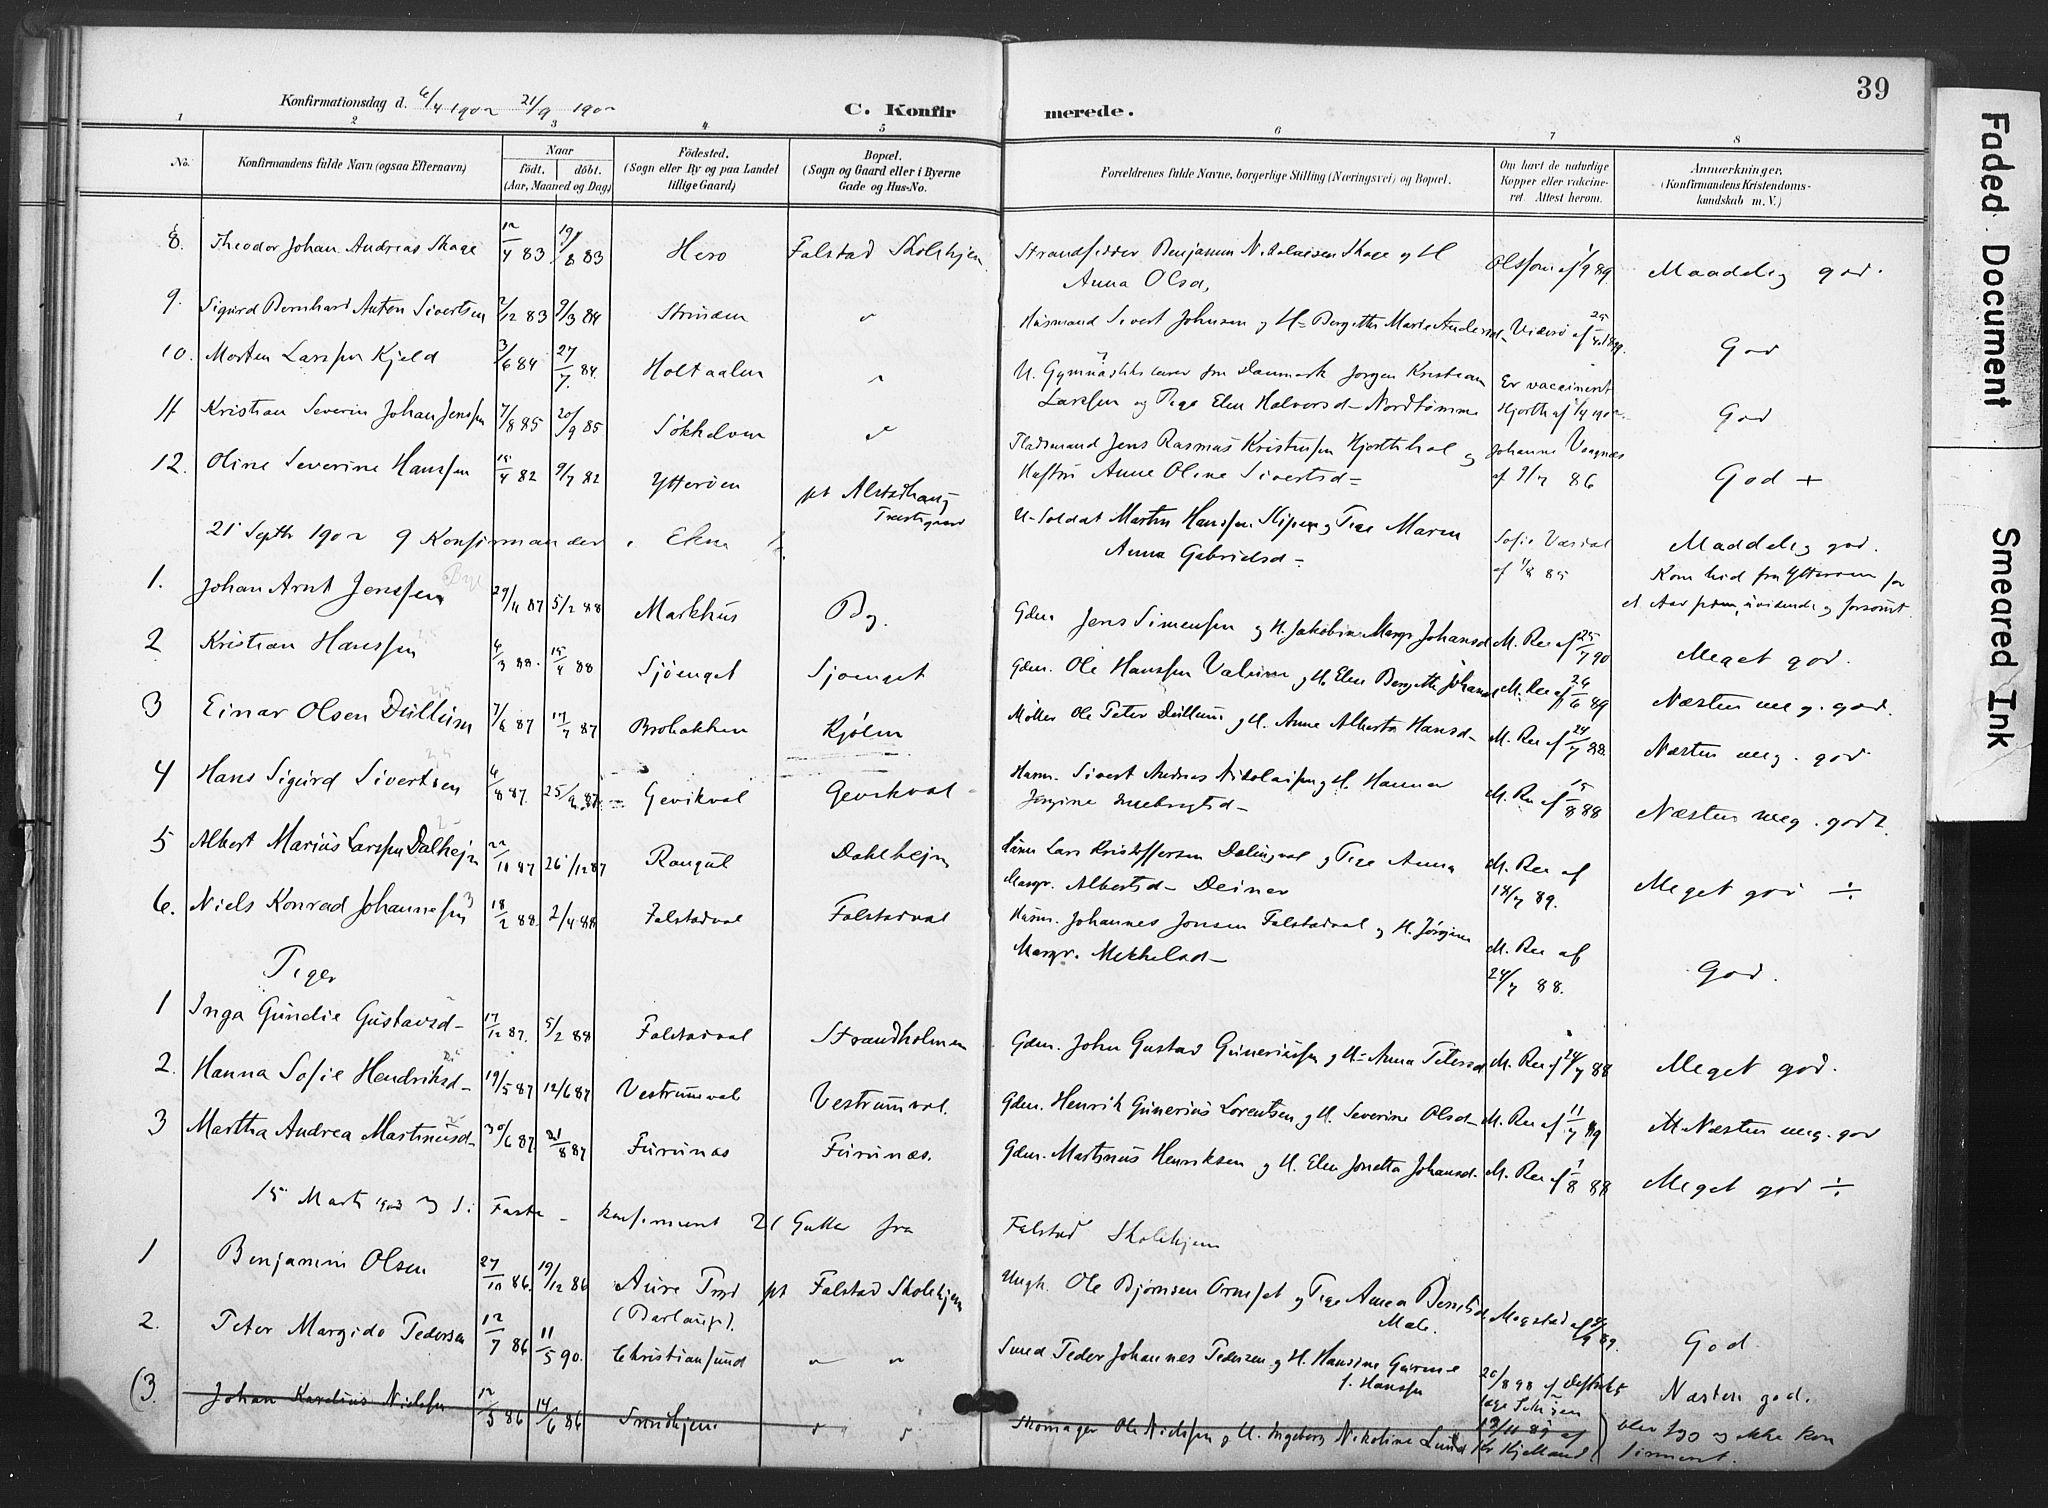 SAT, Ministerialprotokoller, klokkerbøker og fødselsregistre - Nord-Trøndelag, 719/L0179: Ministerialbok nr. 719A02, 1901-1923, s. 39